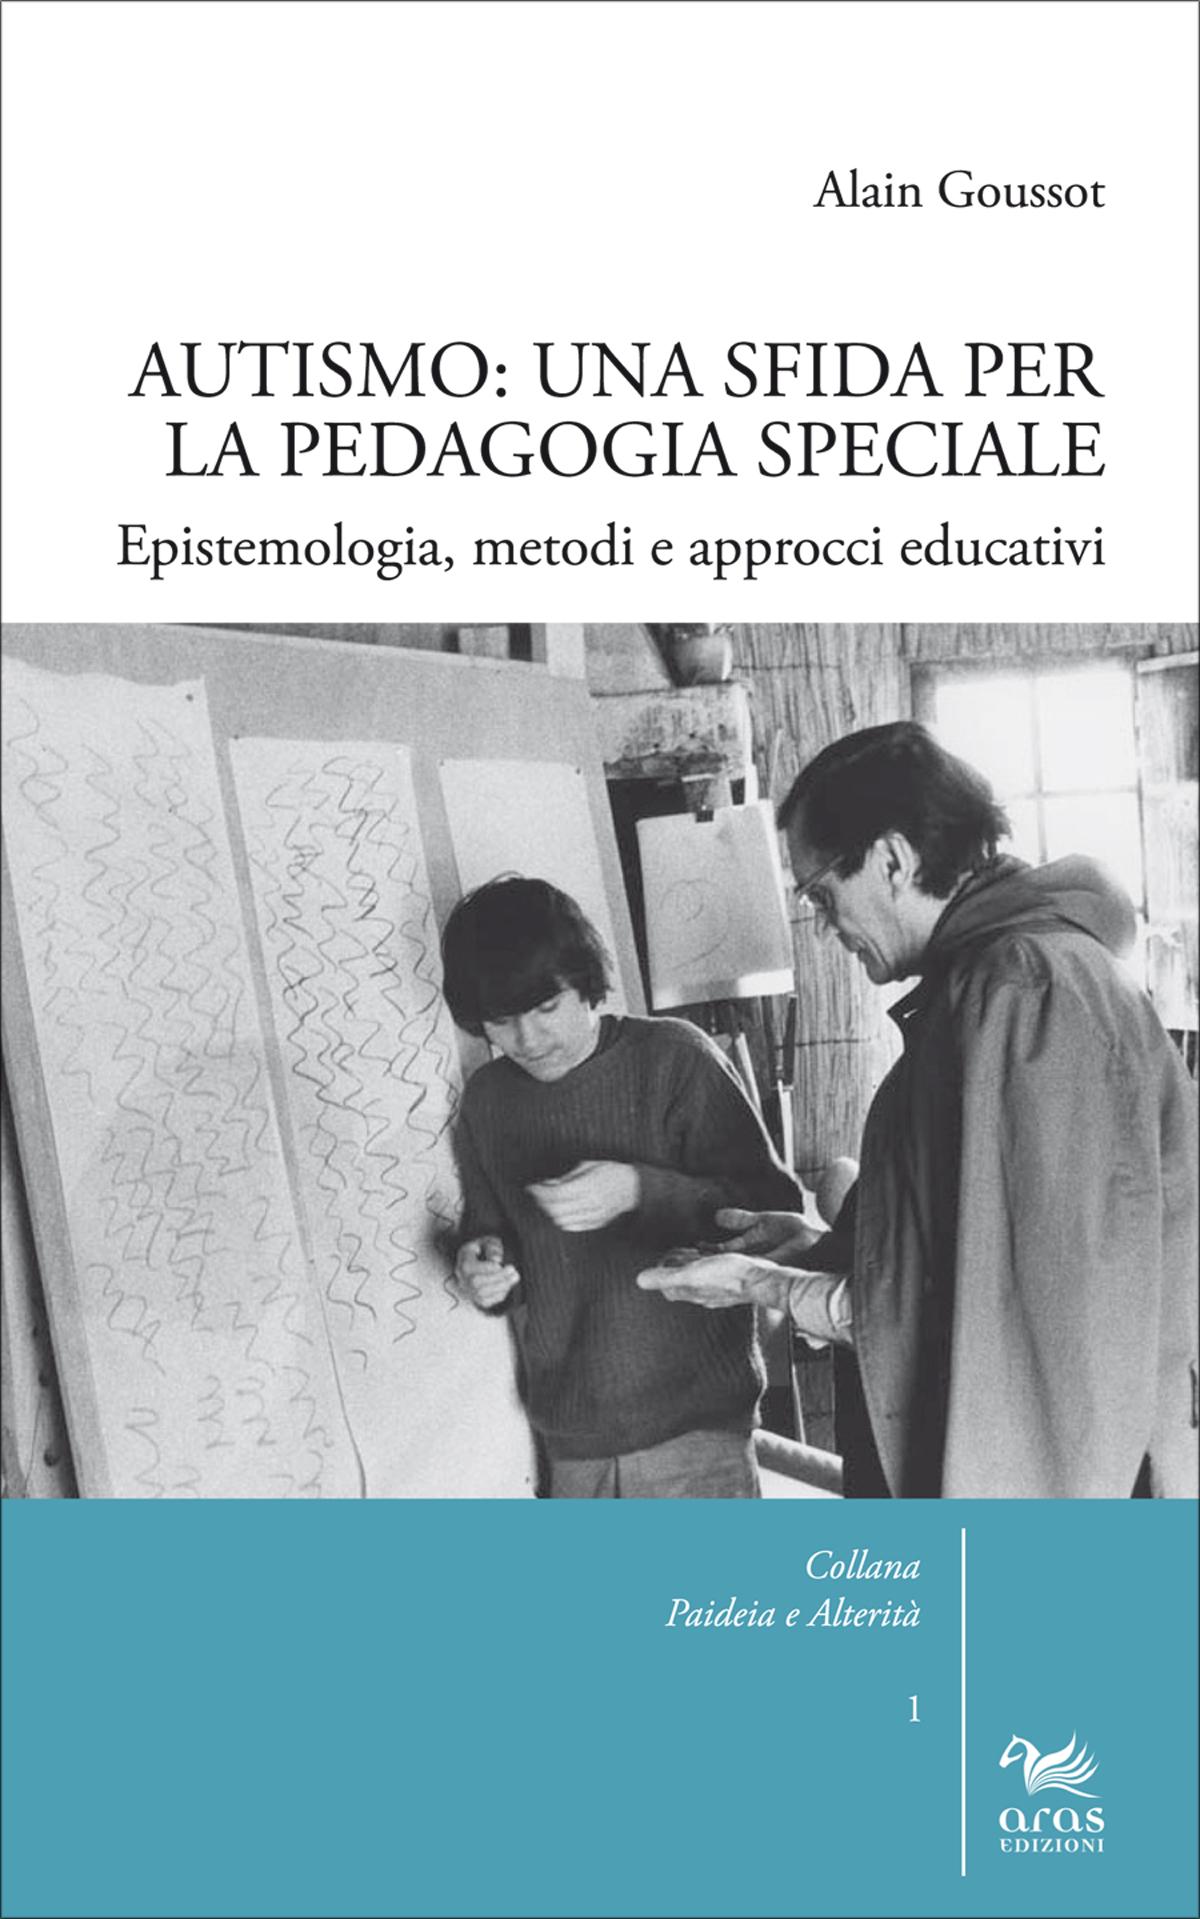 Autismo : una sfida per la pedagogia speciale : epistemologia, metodi e approcci educativi